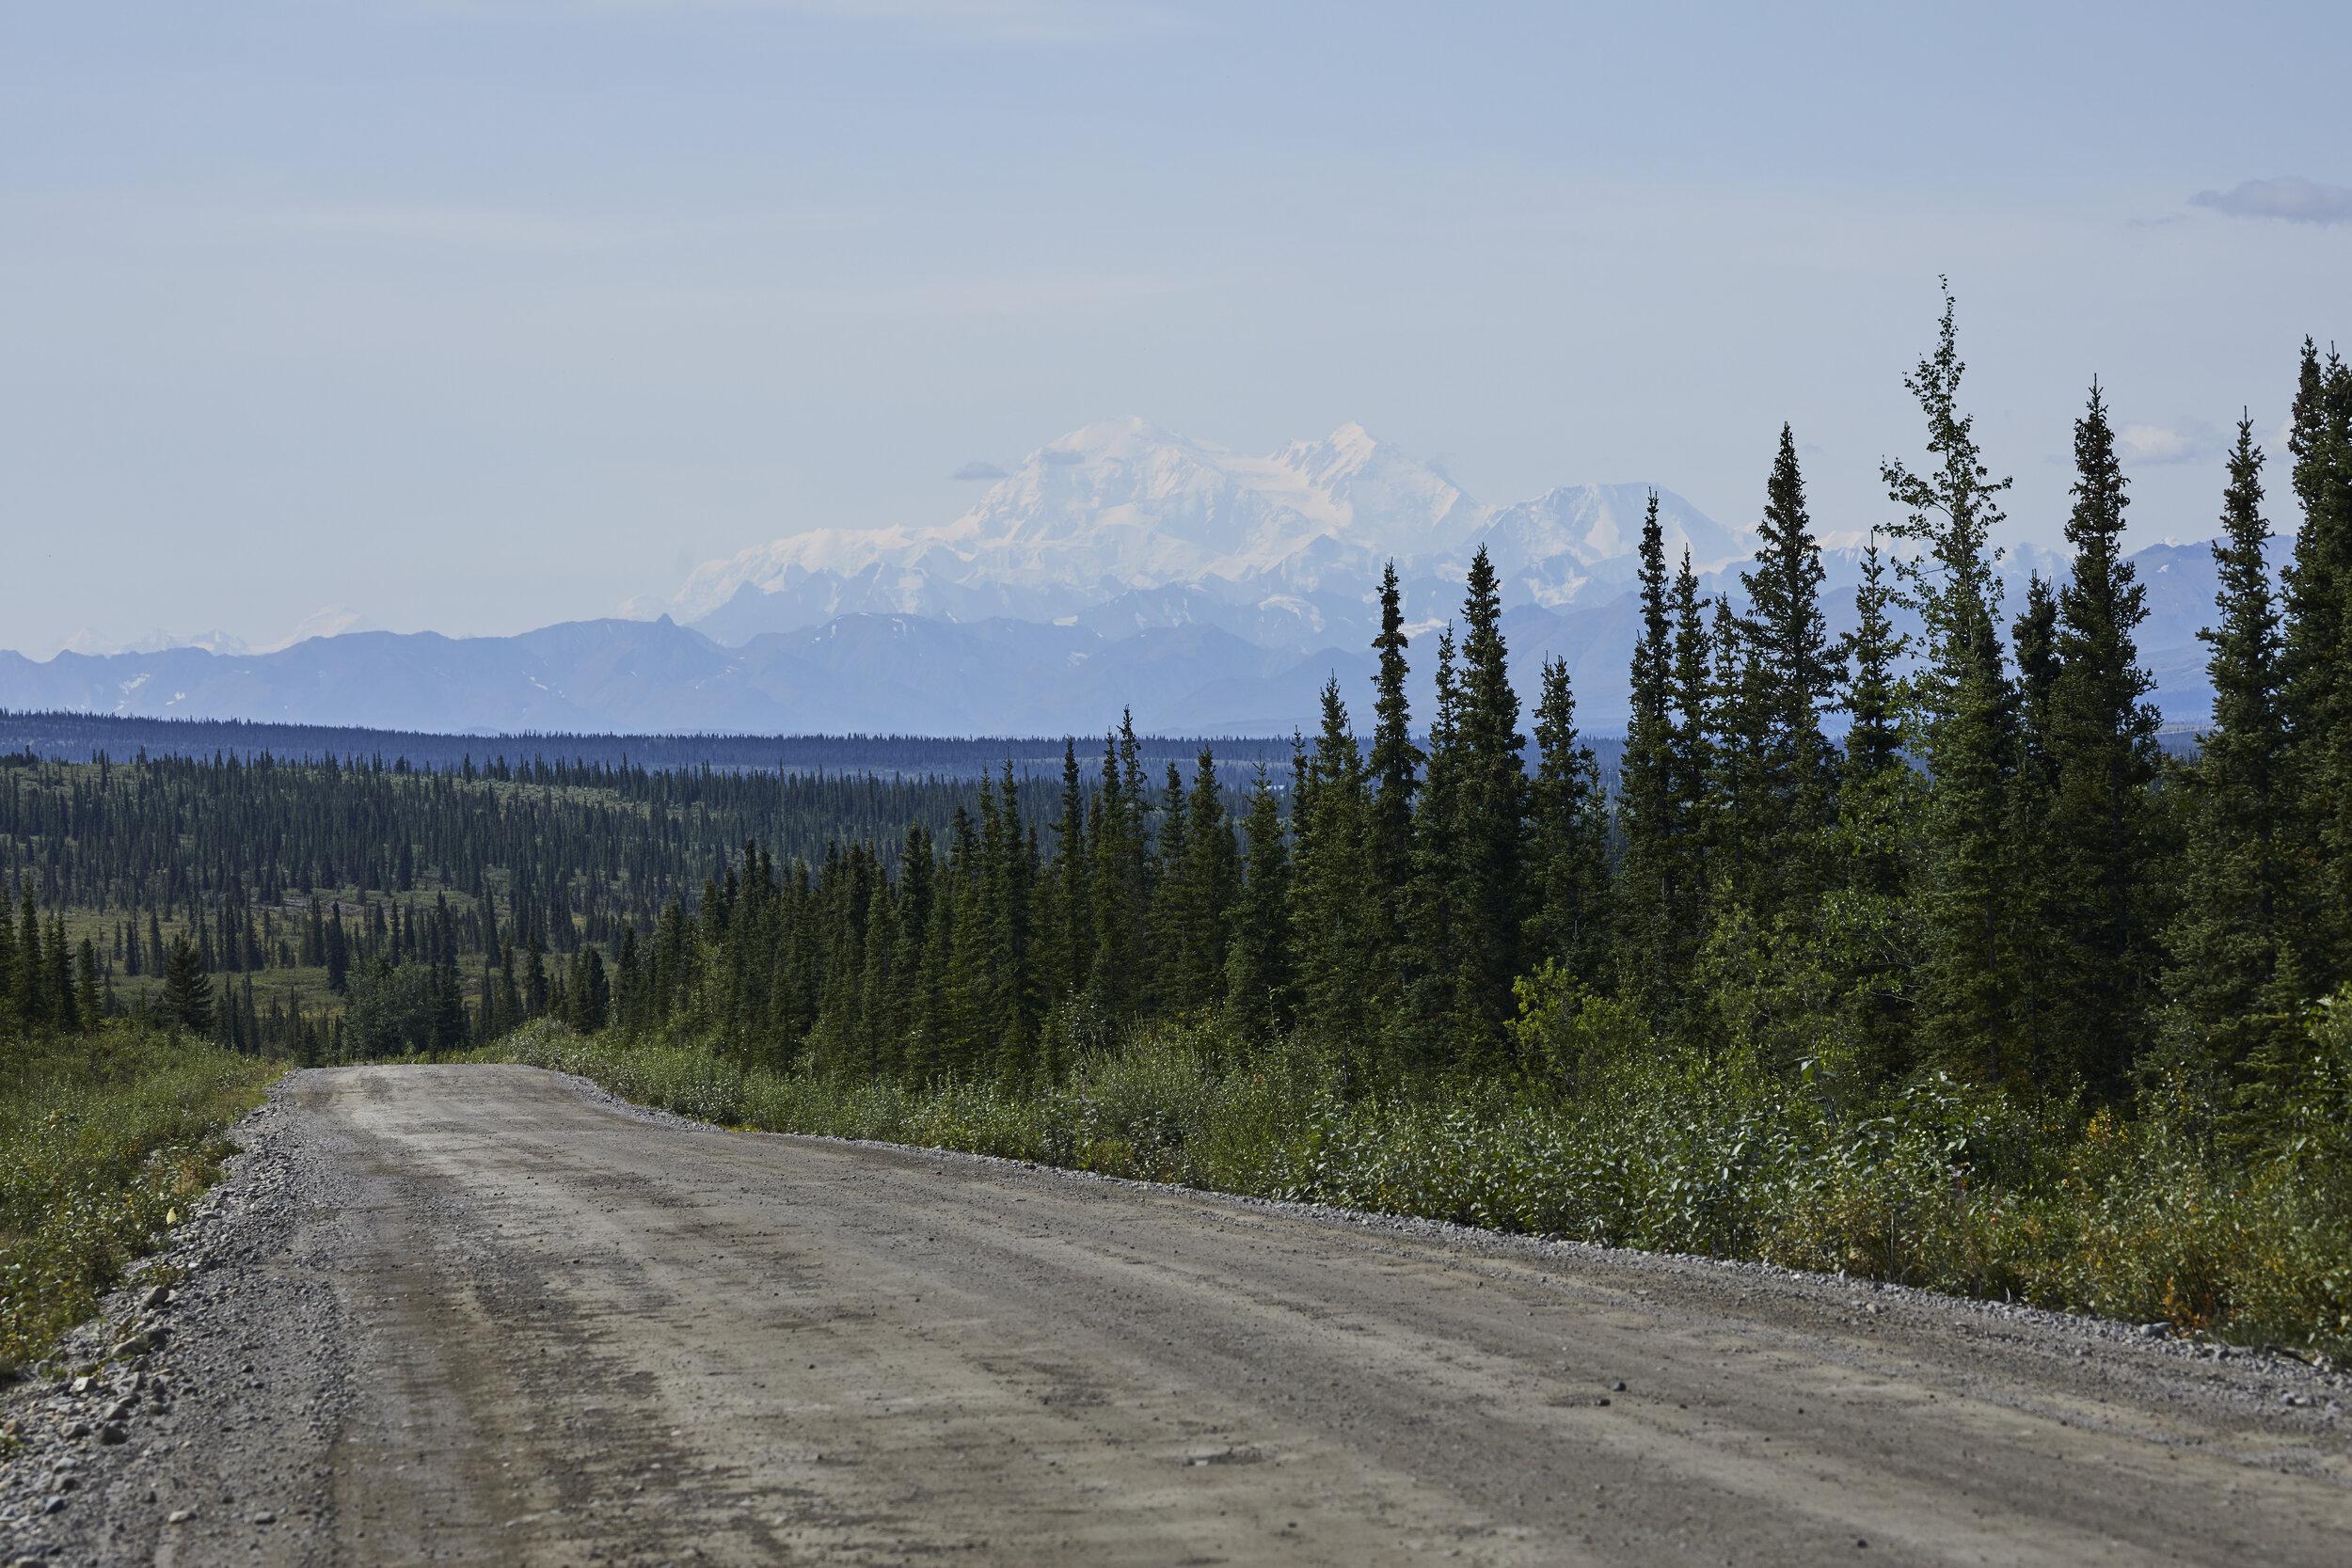 Alaska_Aug 2019_Denali Highway_004.jpg